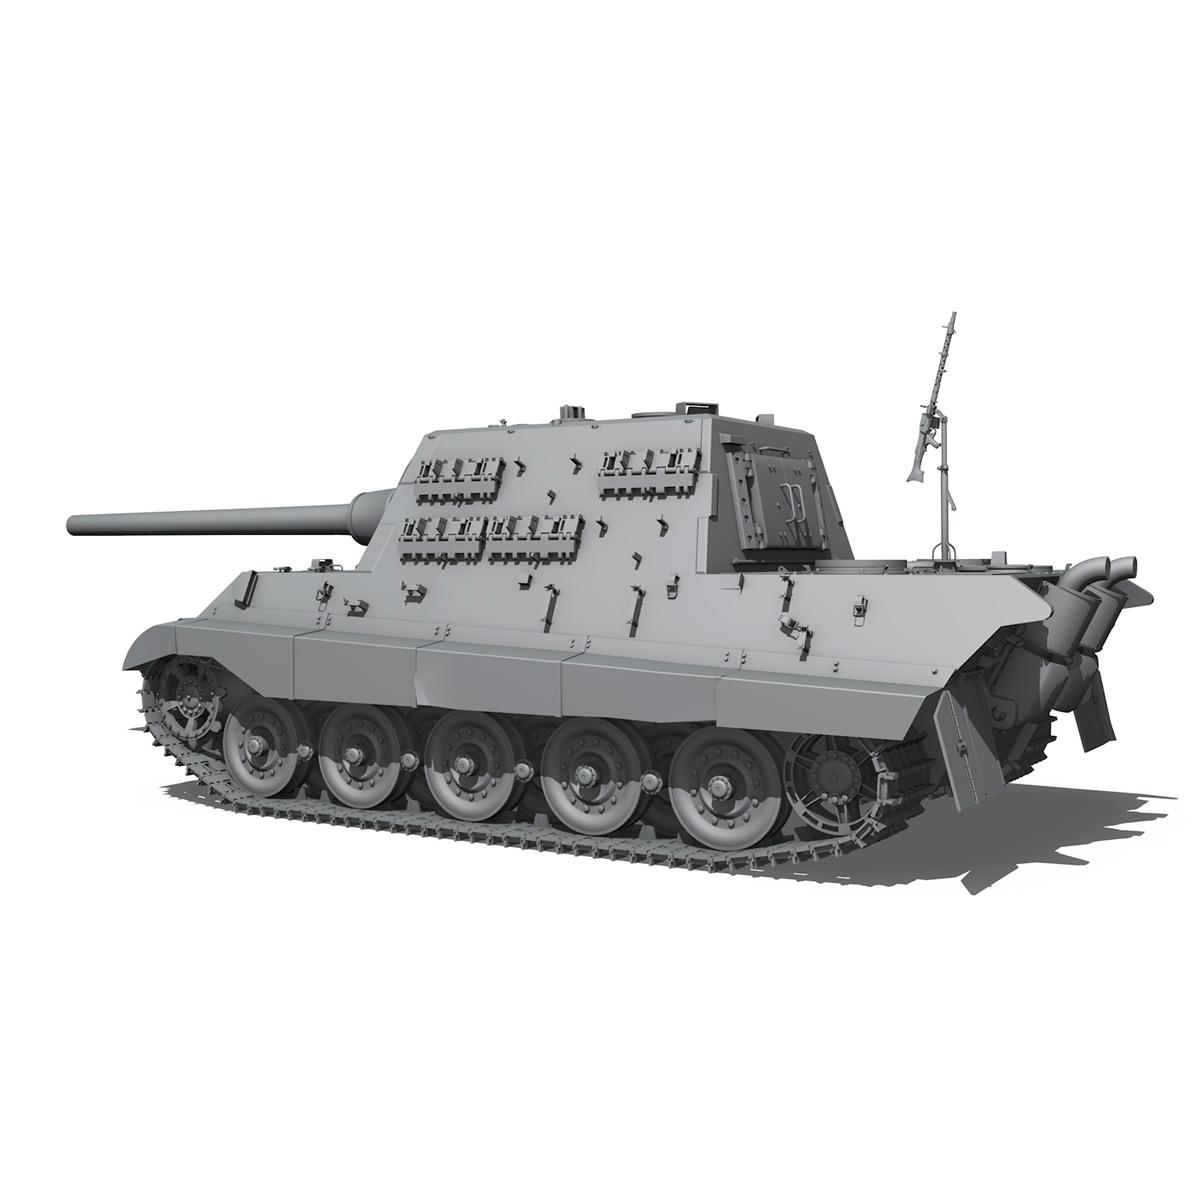 sd.kfz 186 jagdtiger hunting tiger 3d model 3ds fbx c4d lwo obj 189961